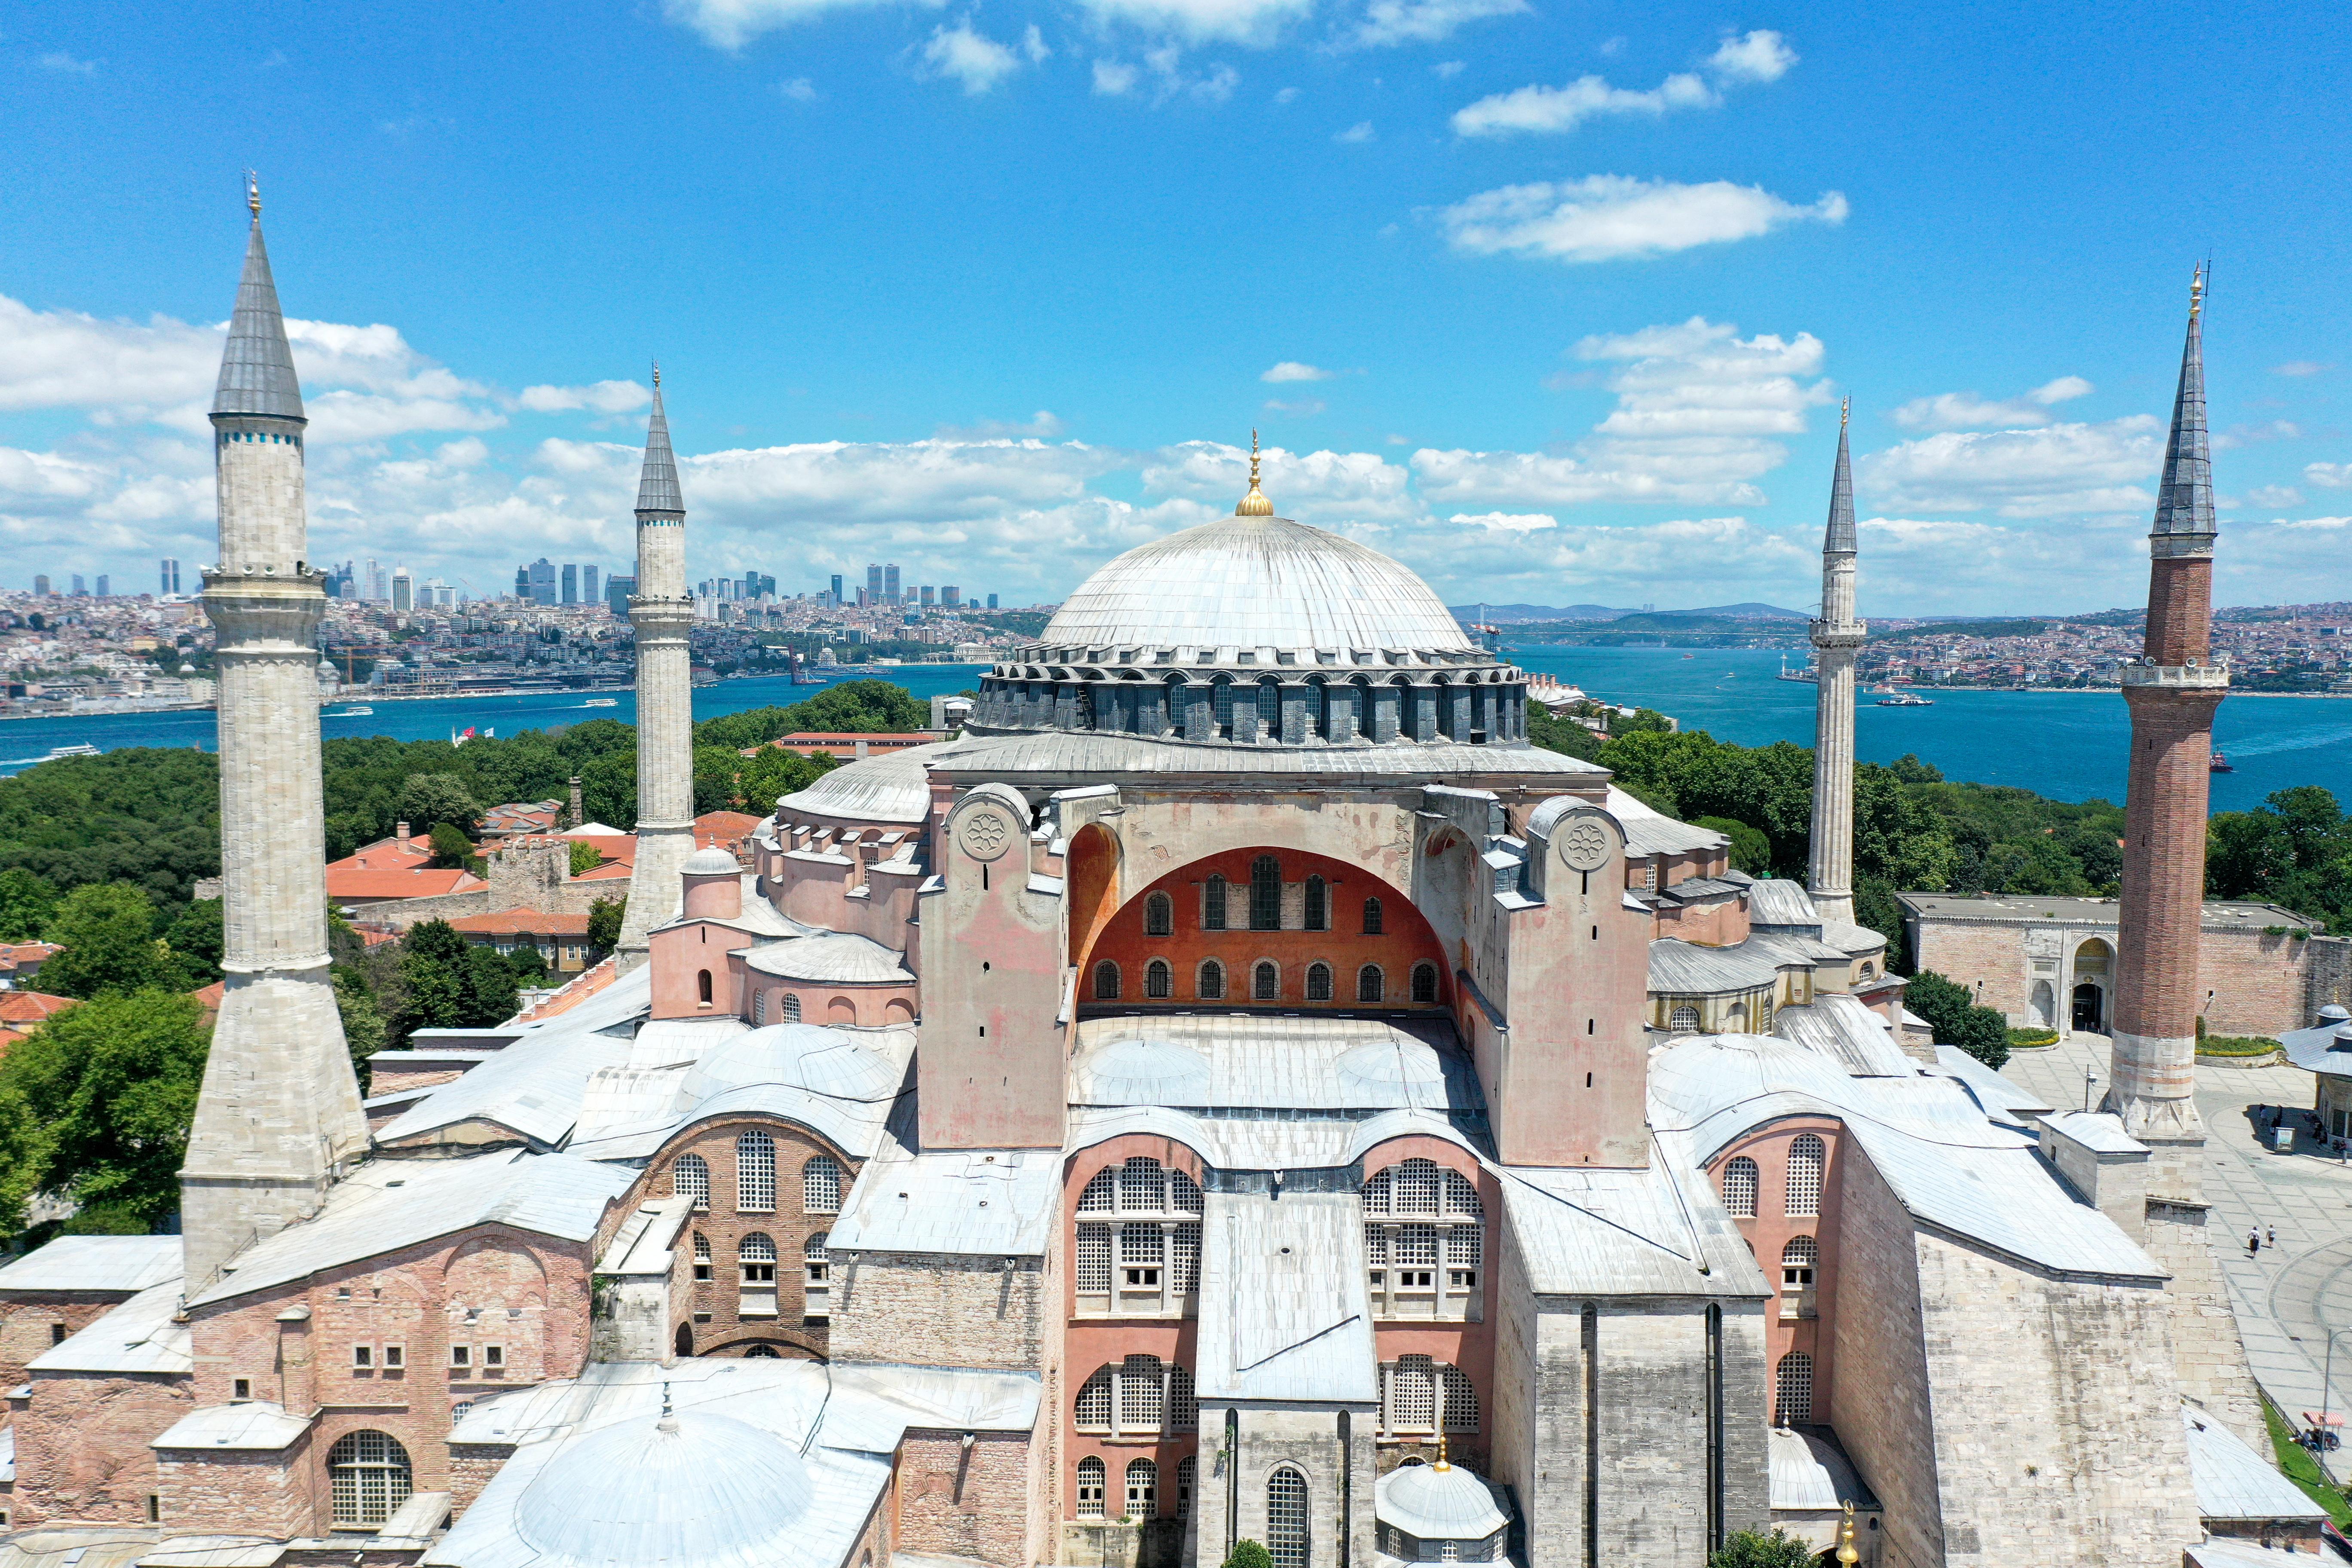 Pénteken már mecsetként nyílik meg az isztambuli Hagia Sophia székesegyház